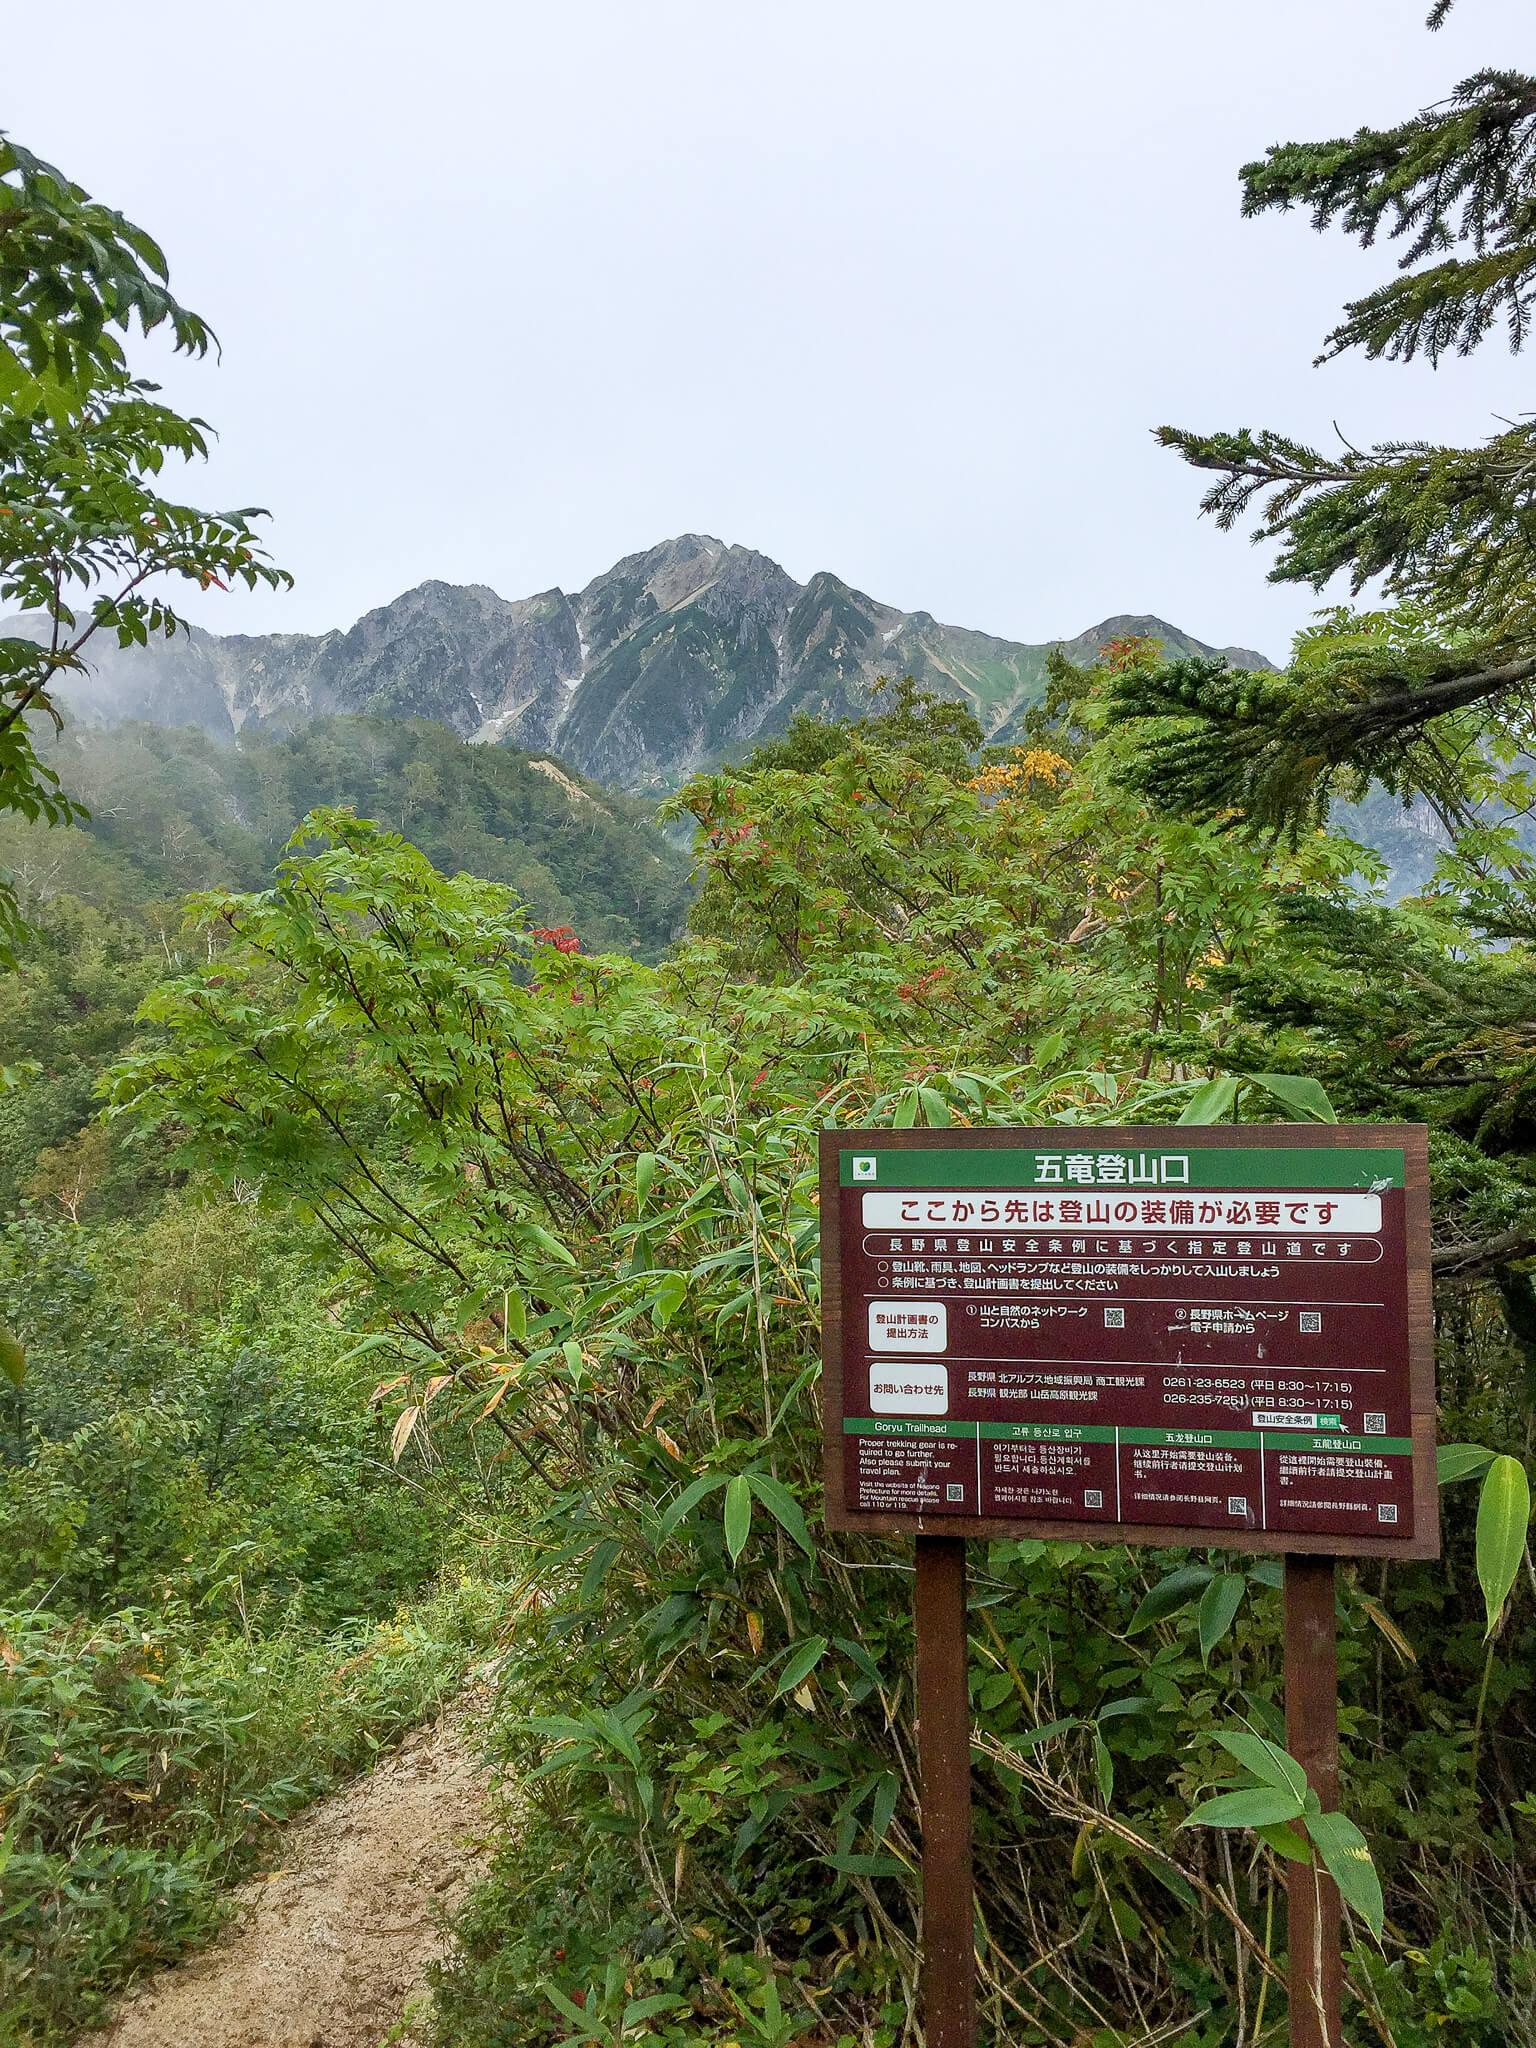 五竜岳・五竜山登山口